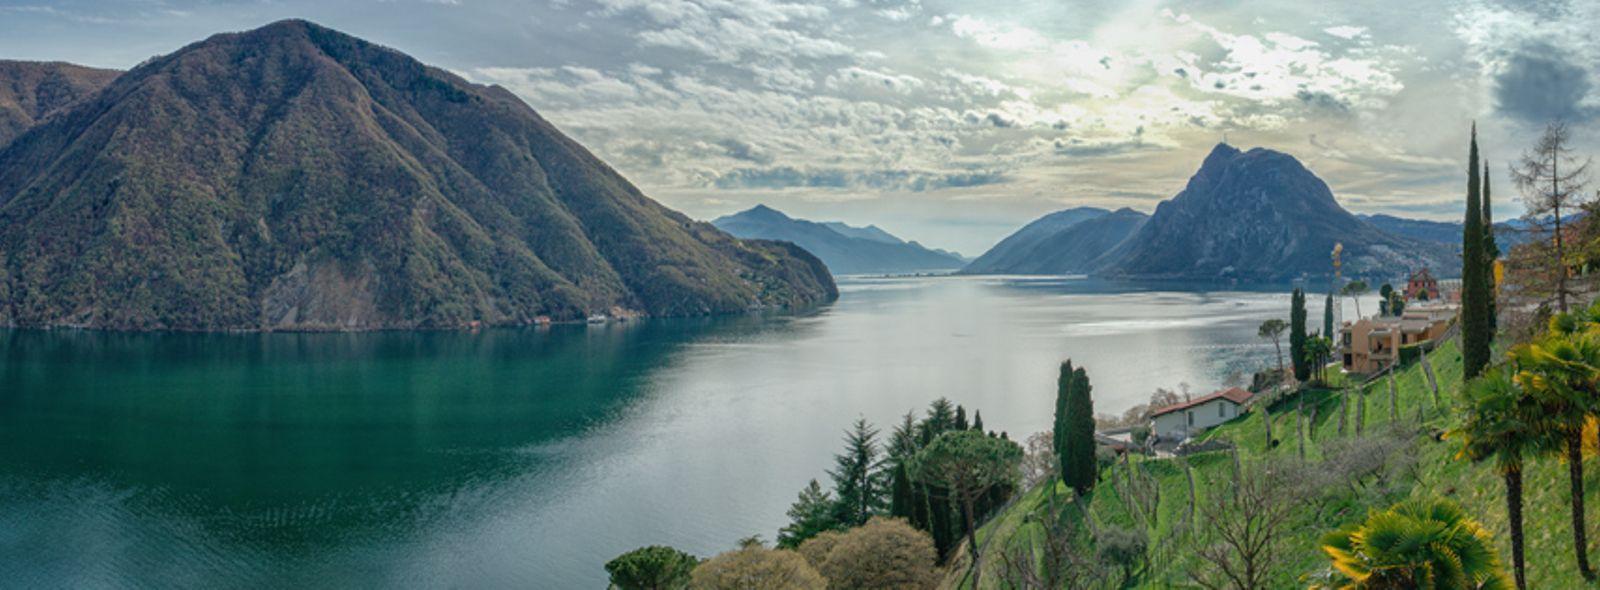 Lago di lugano cosa vedere trovami - Dogana svizzera cosa si puo portare ...